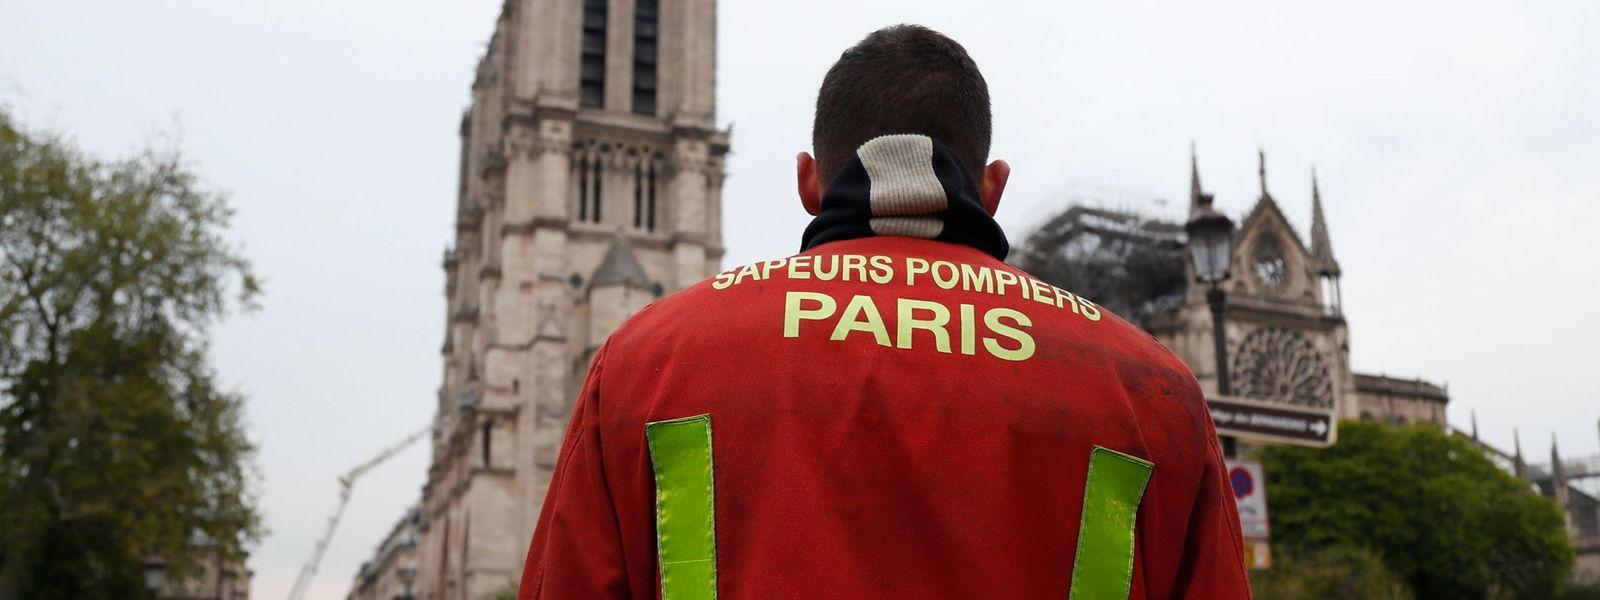 Quelque 400 pompiers ont lutté pendant plus de 12 heures contre l'incendie de la cathédrale Notre-Dame de Paris.